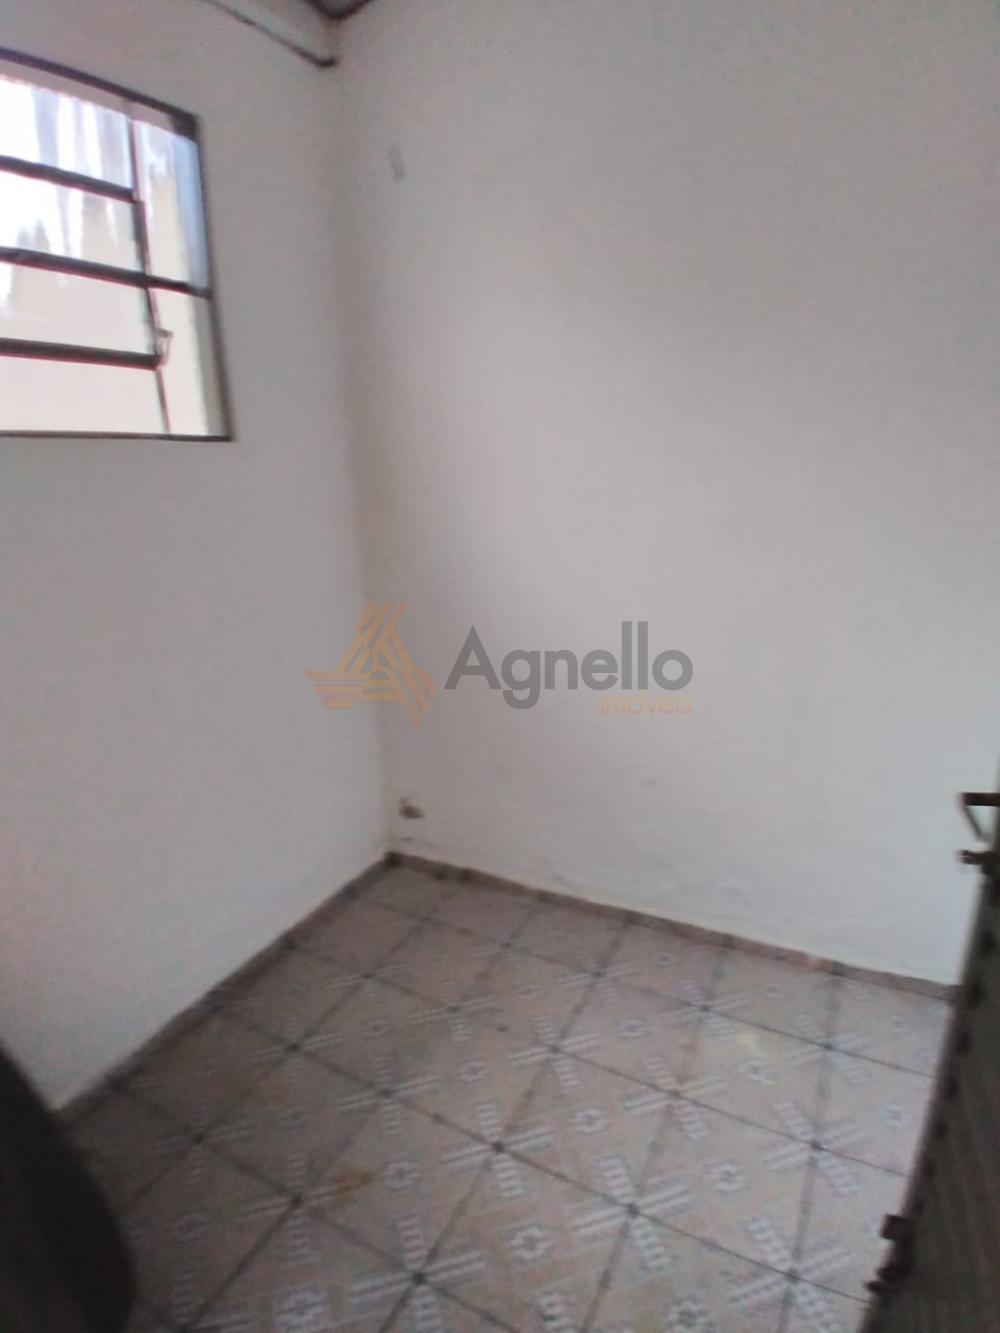 Comprar Casa / Padrão em Franca R$ 290.000,00 - Foto 11